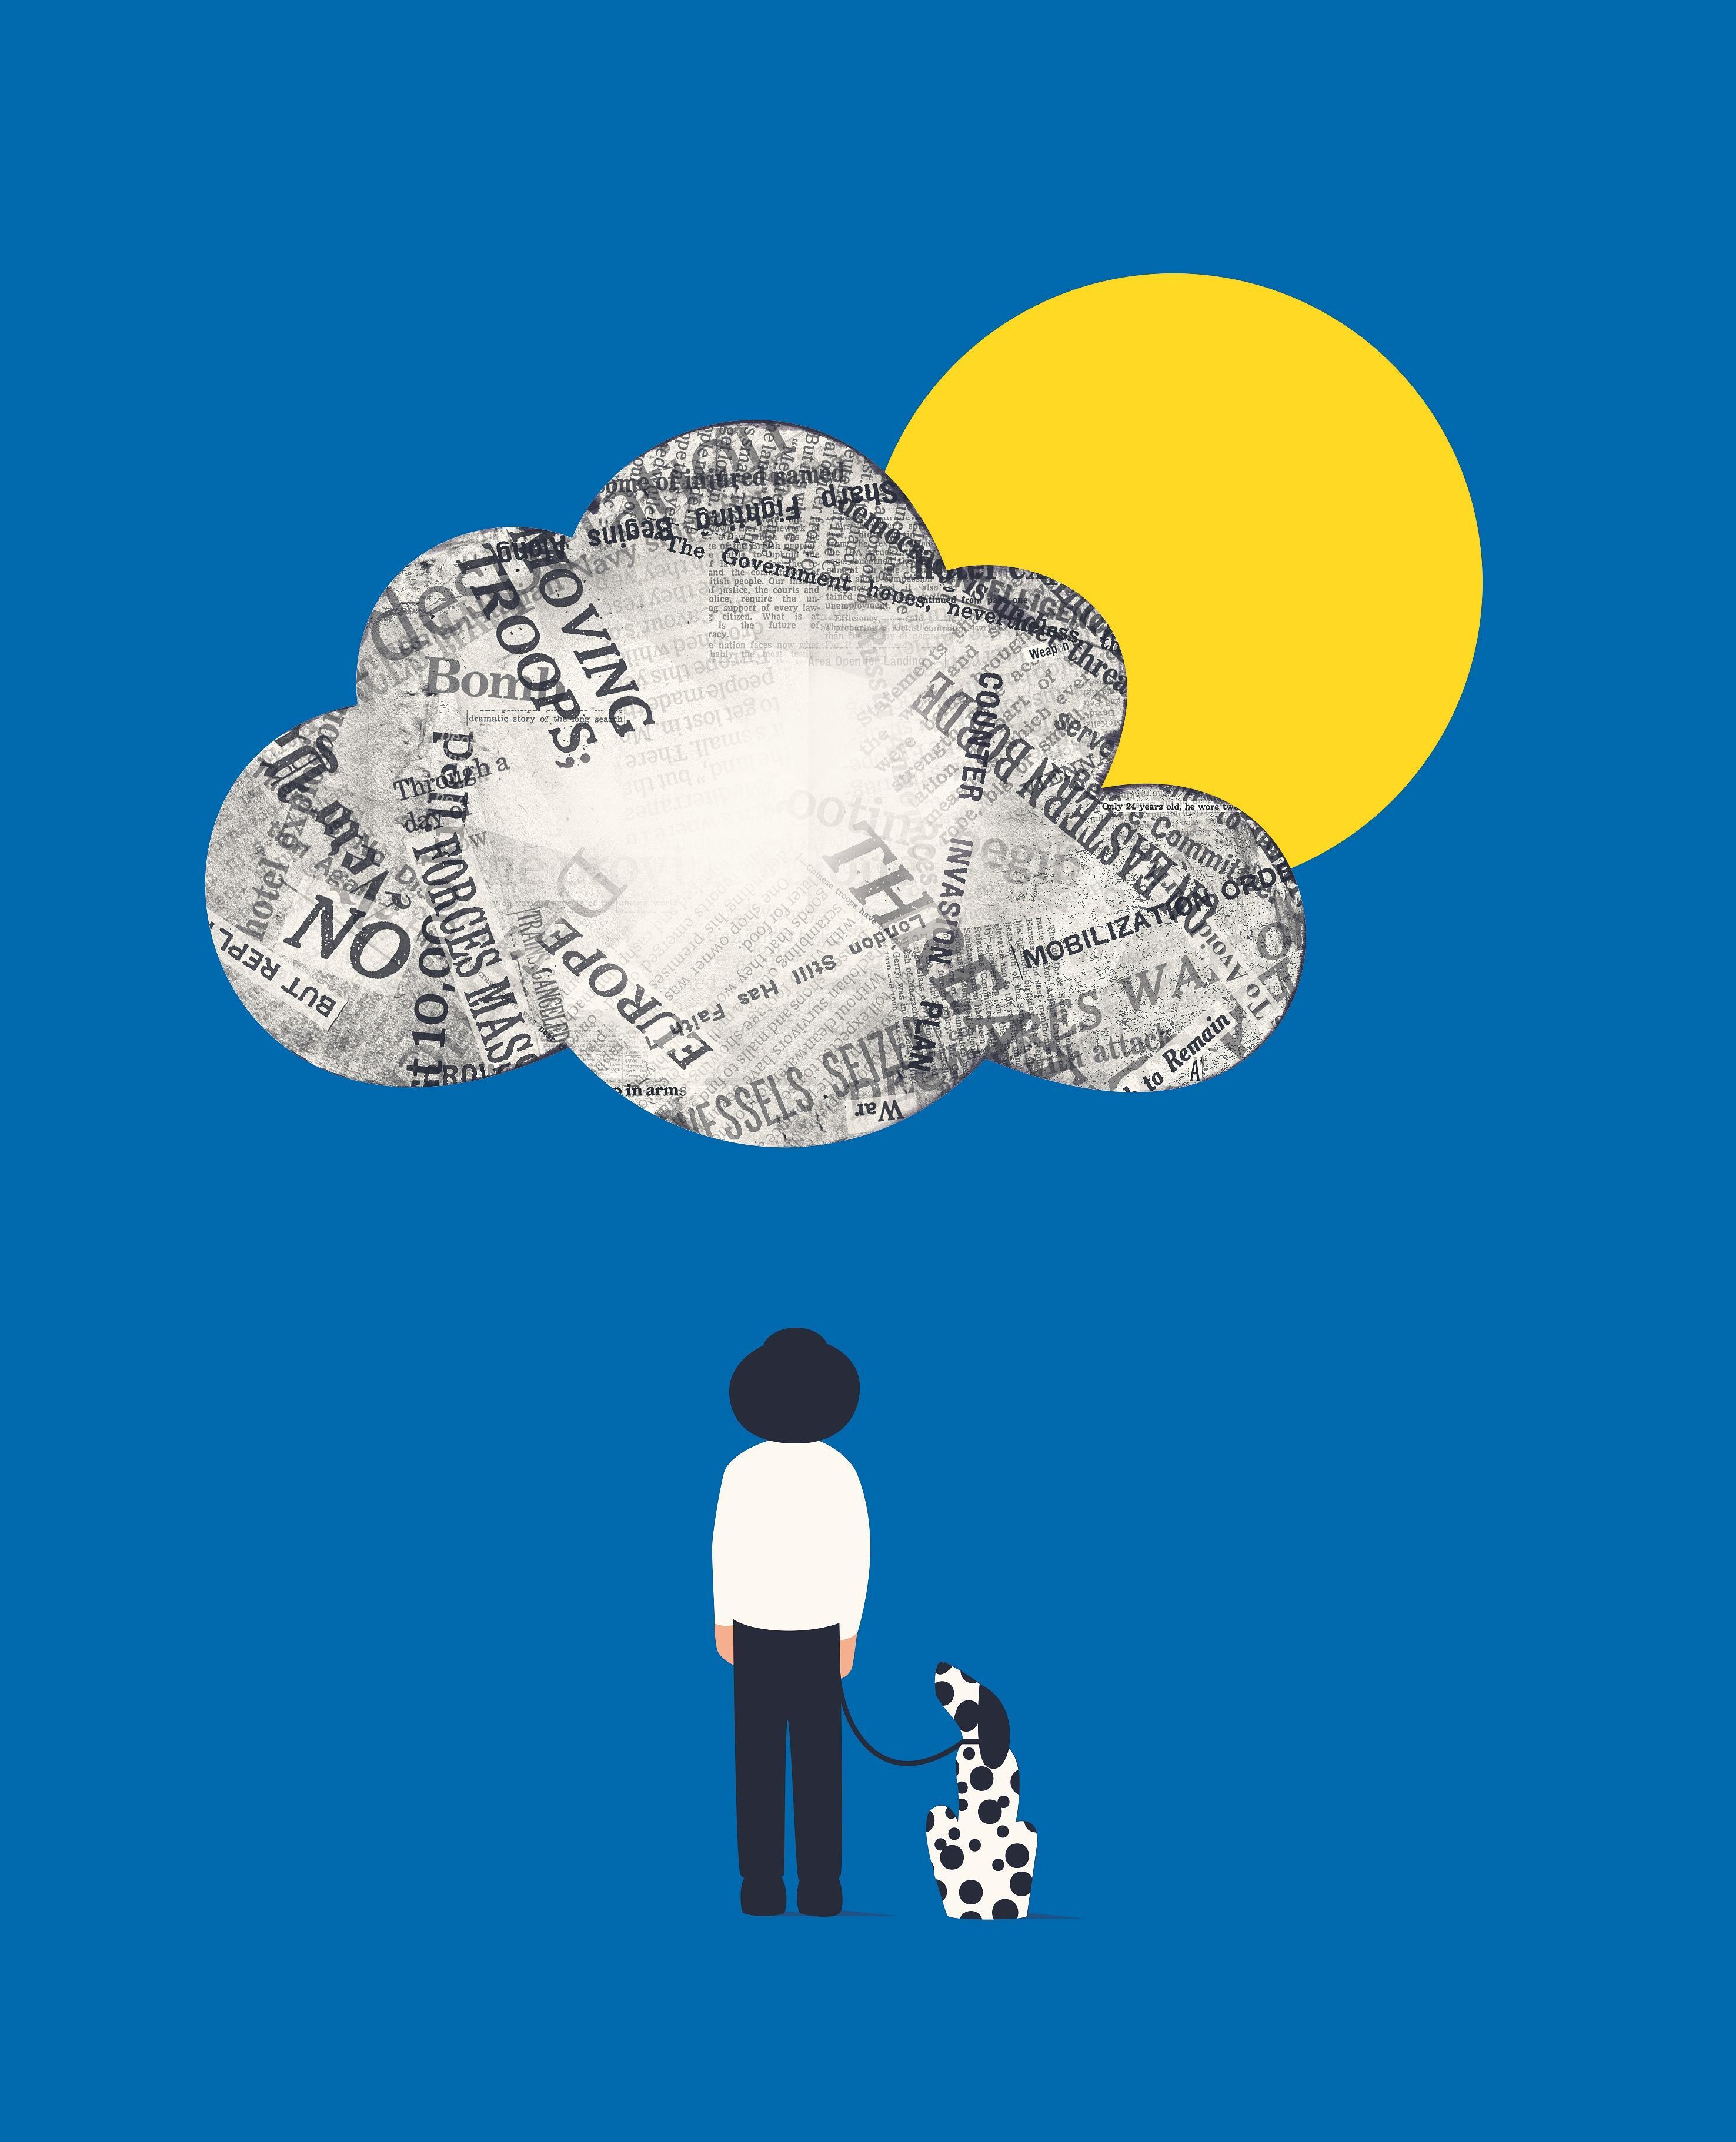 Le illustrazioni poetiche e minimali di Francesco Ciccolella | Collater.al